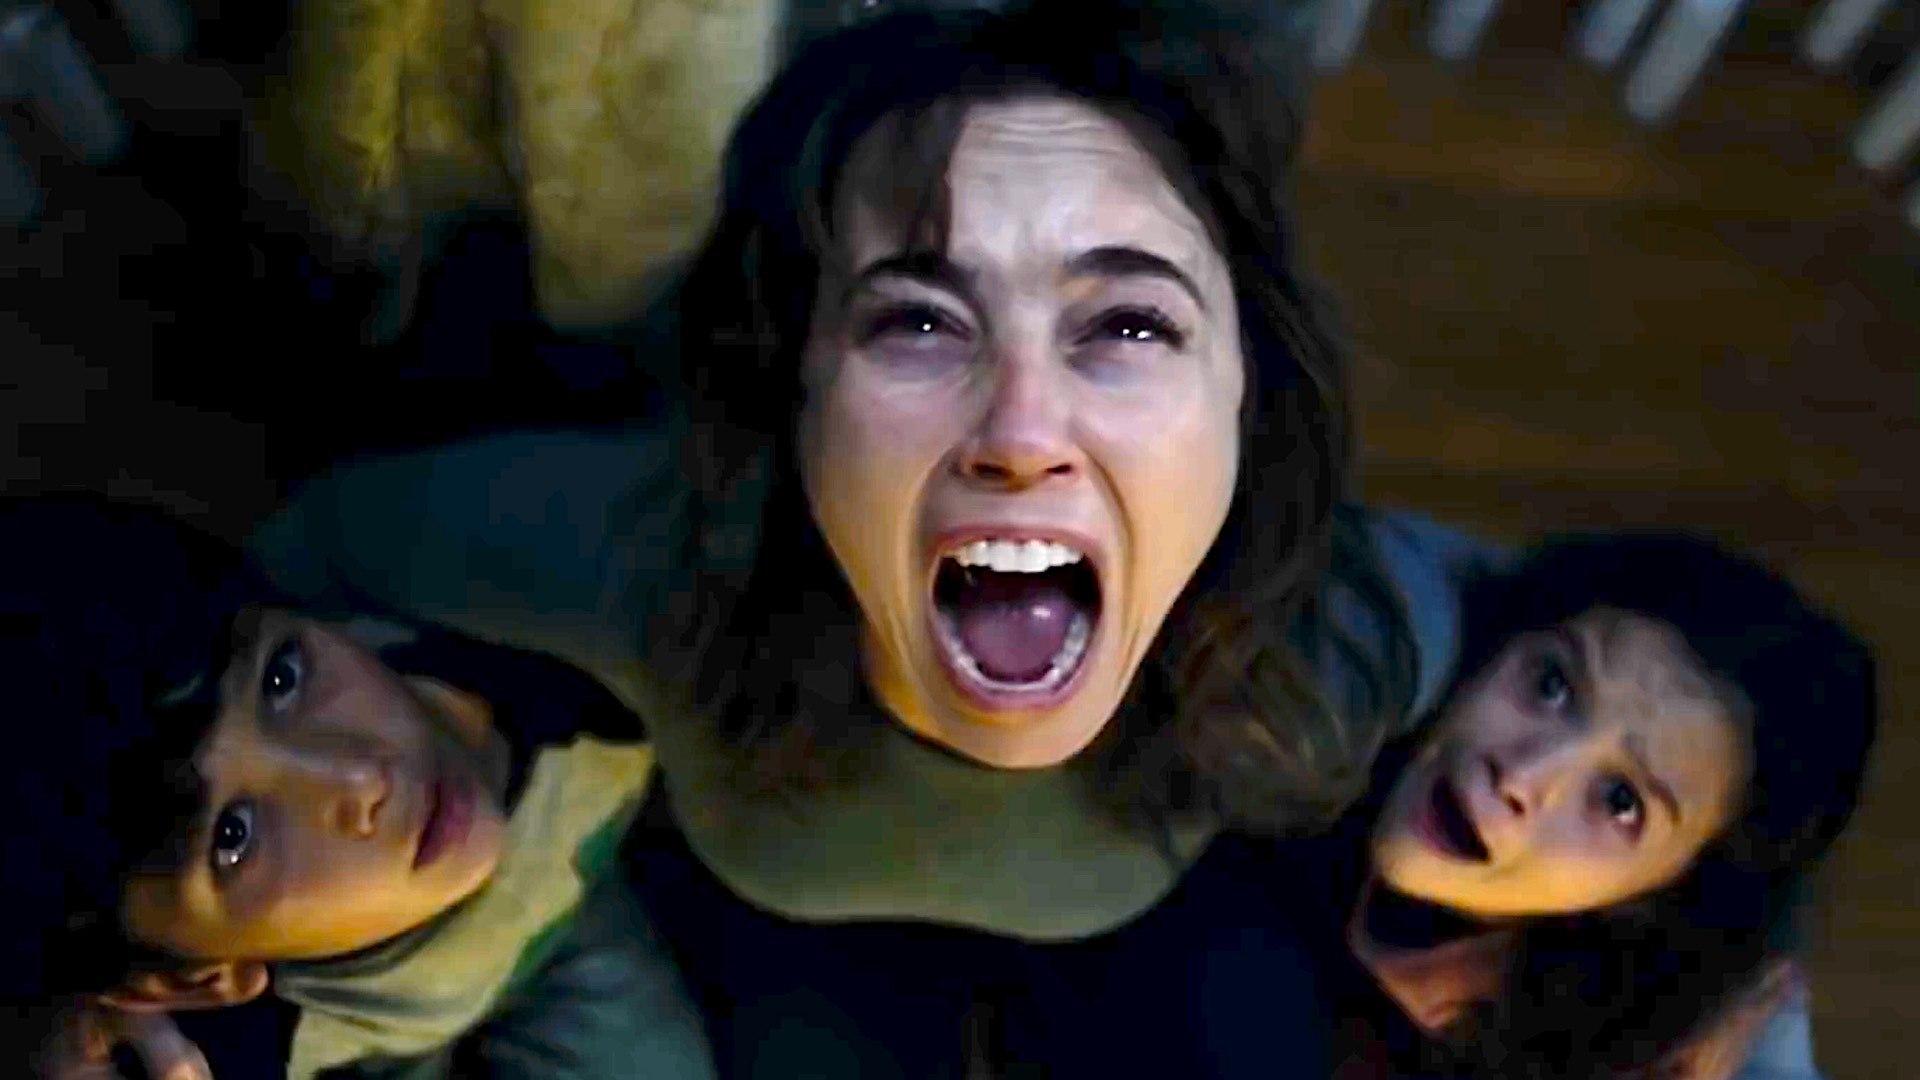 The Curse of La Llorona - Official Trailer